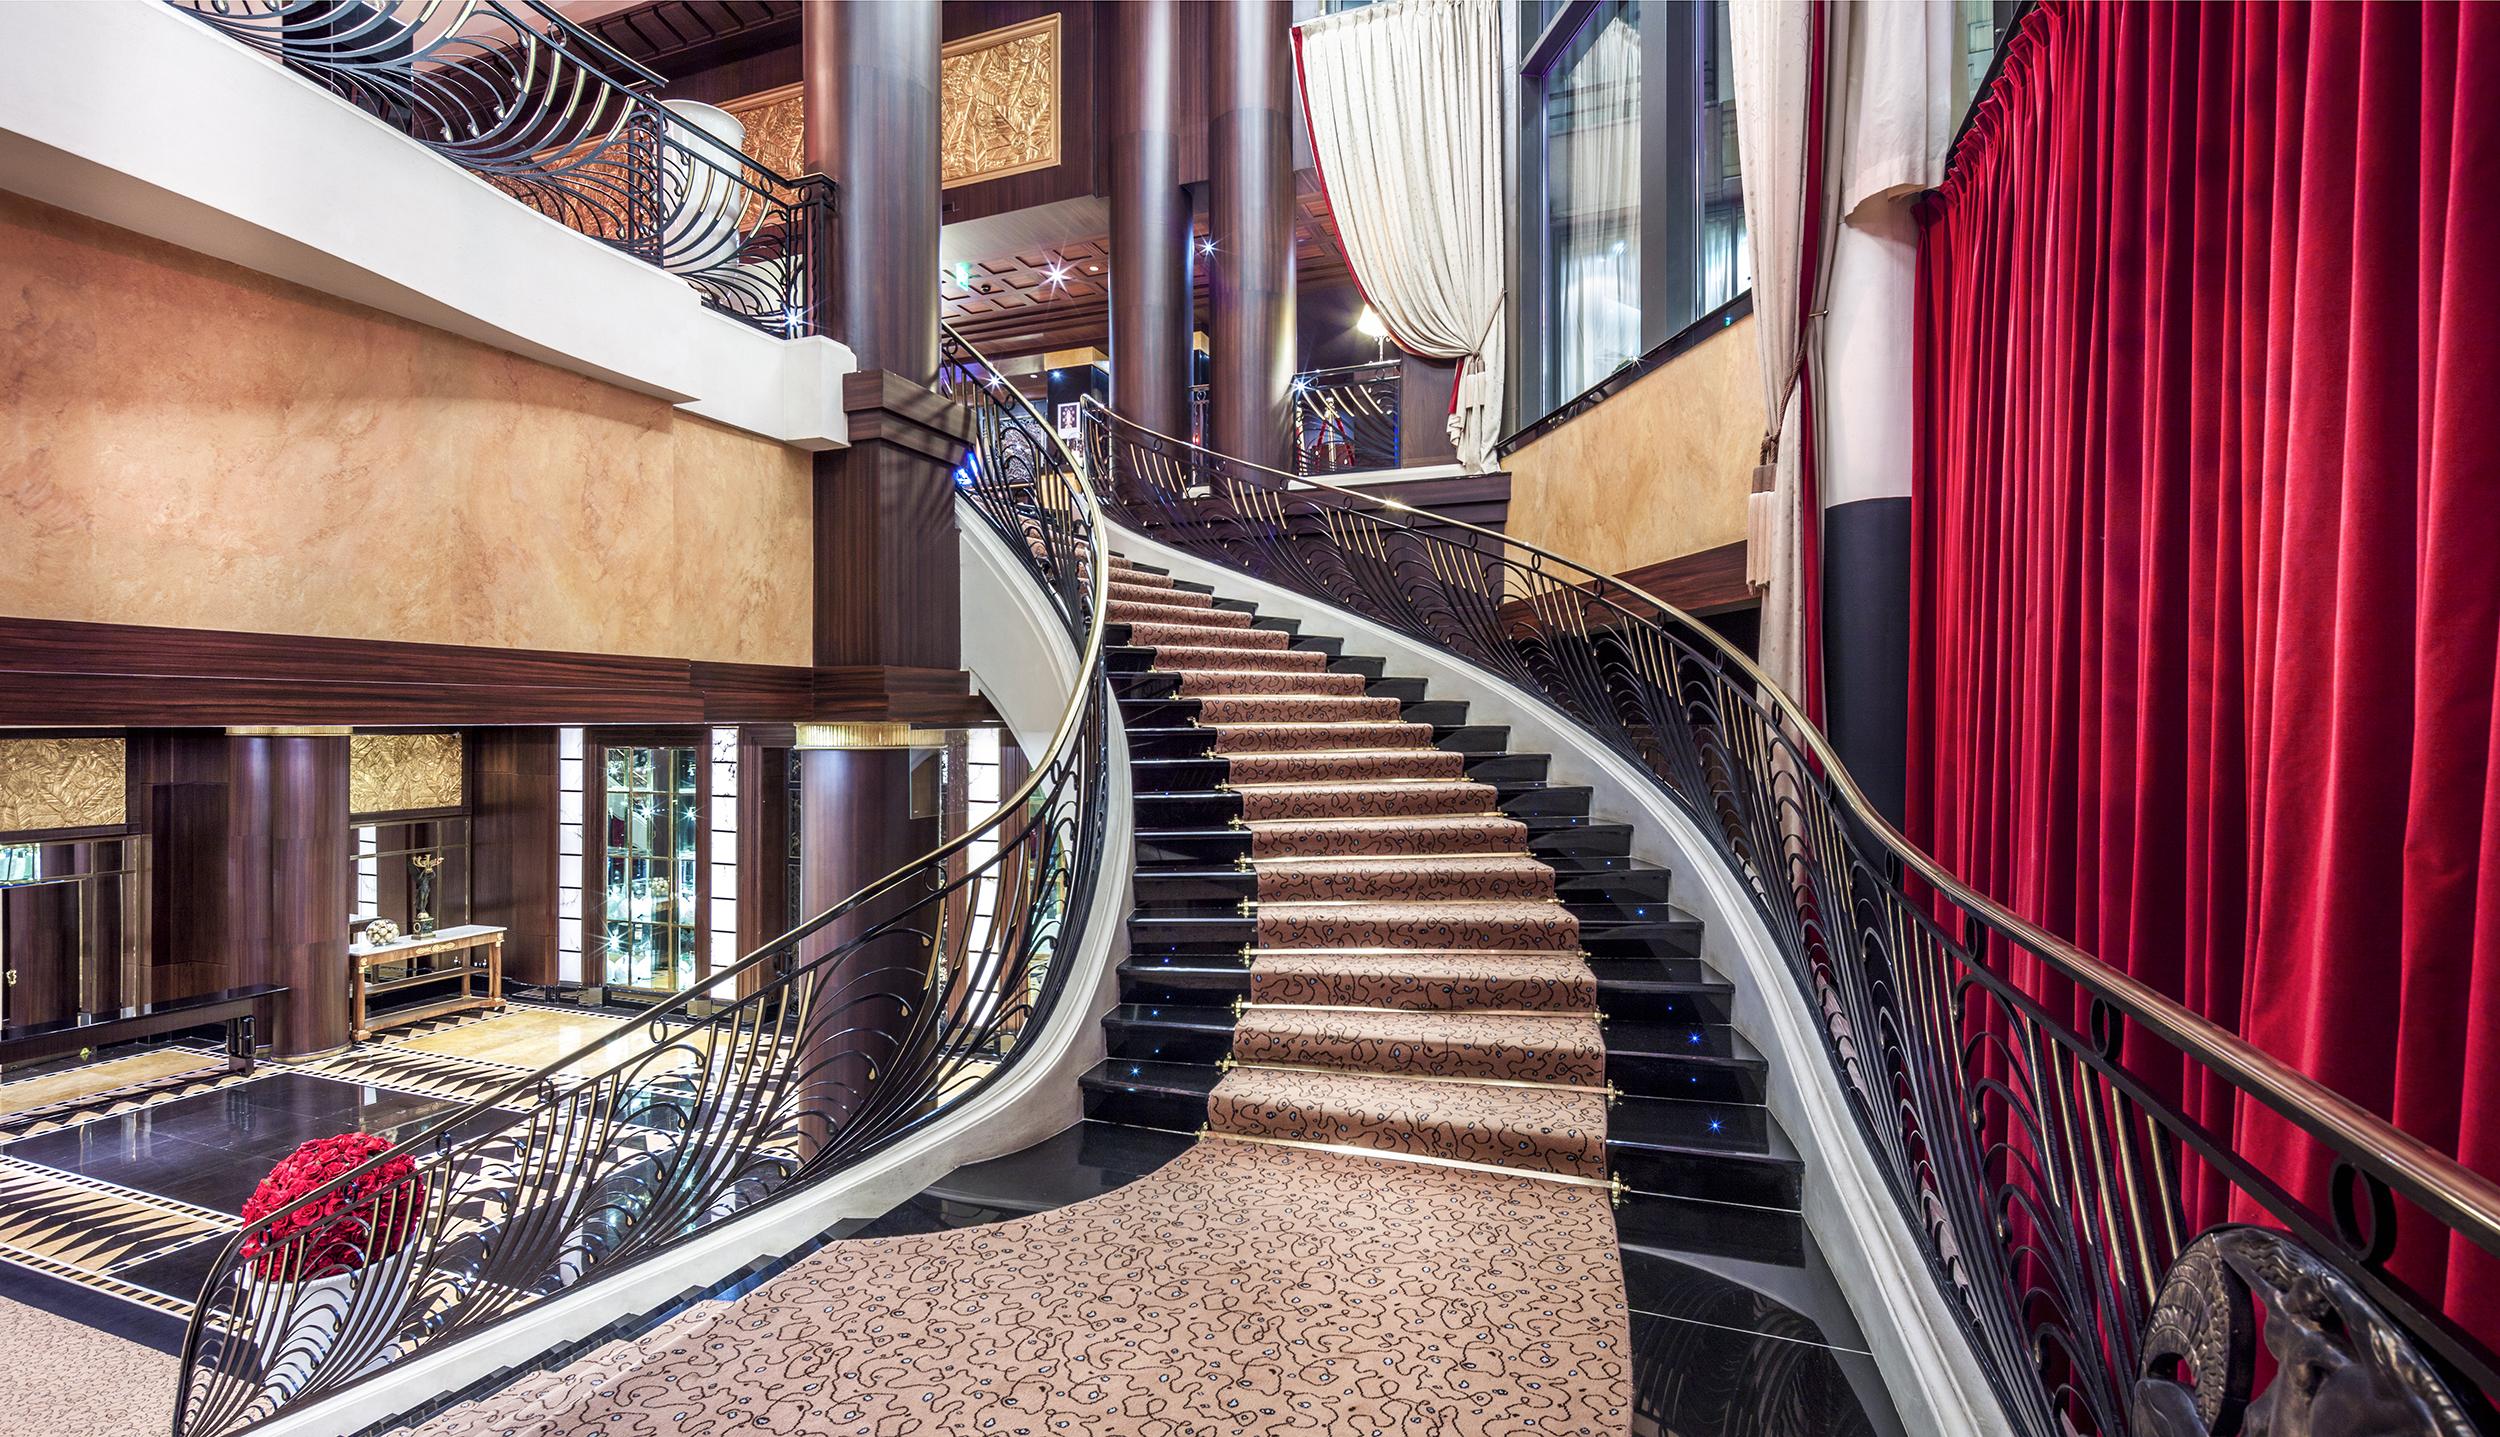 fotografia-de-arquitetura-interiores-17.jpg